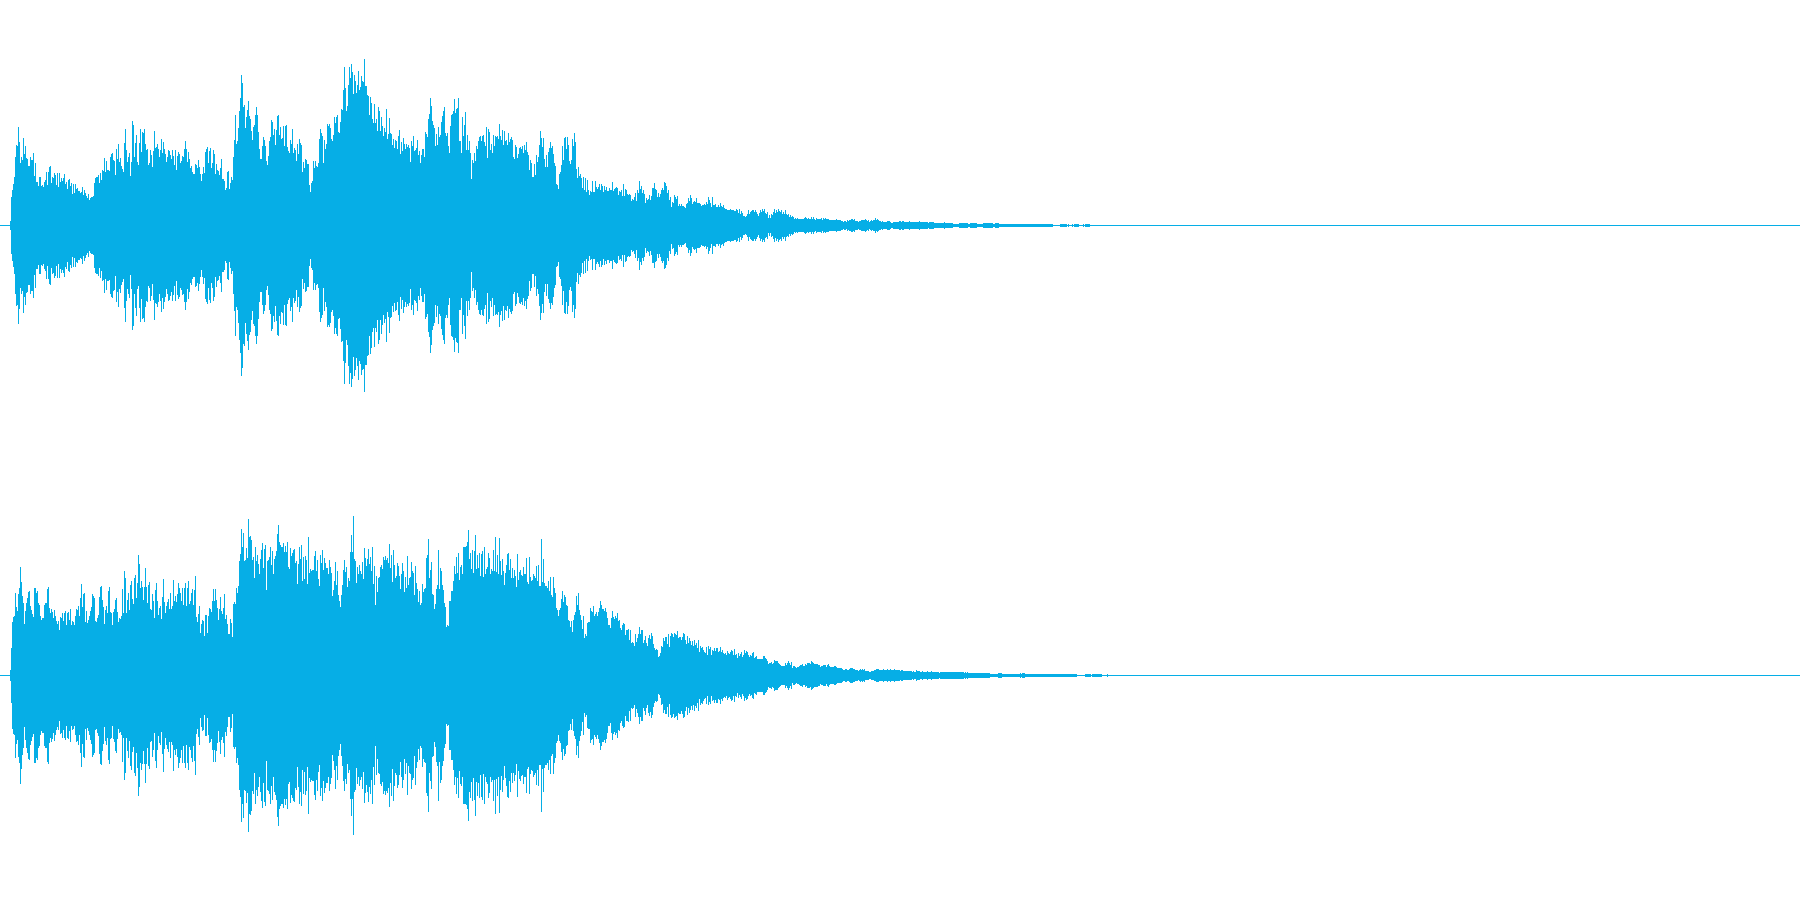 キラキラリーン/クリスタル音スロー上昇音の再生済みの波形